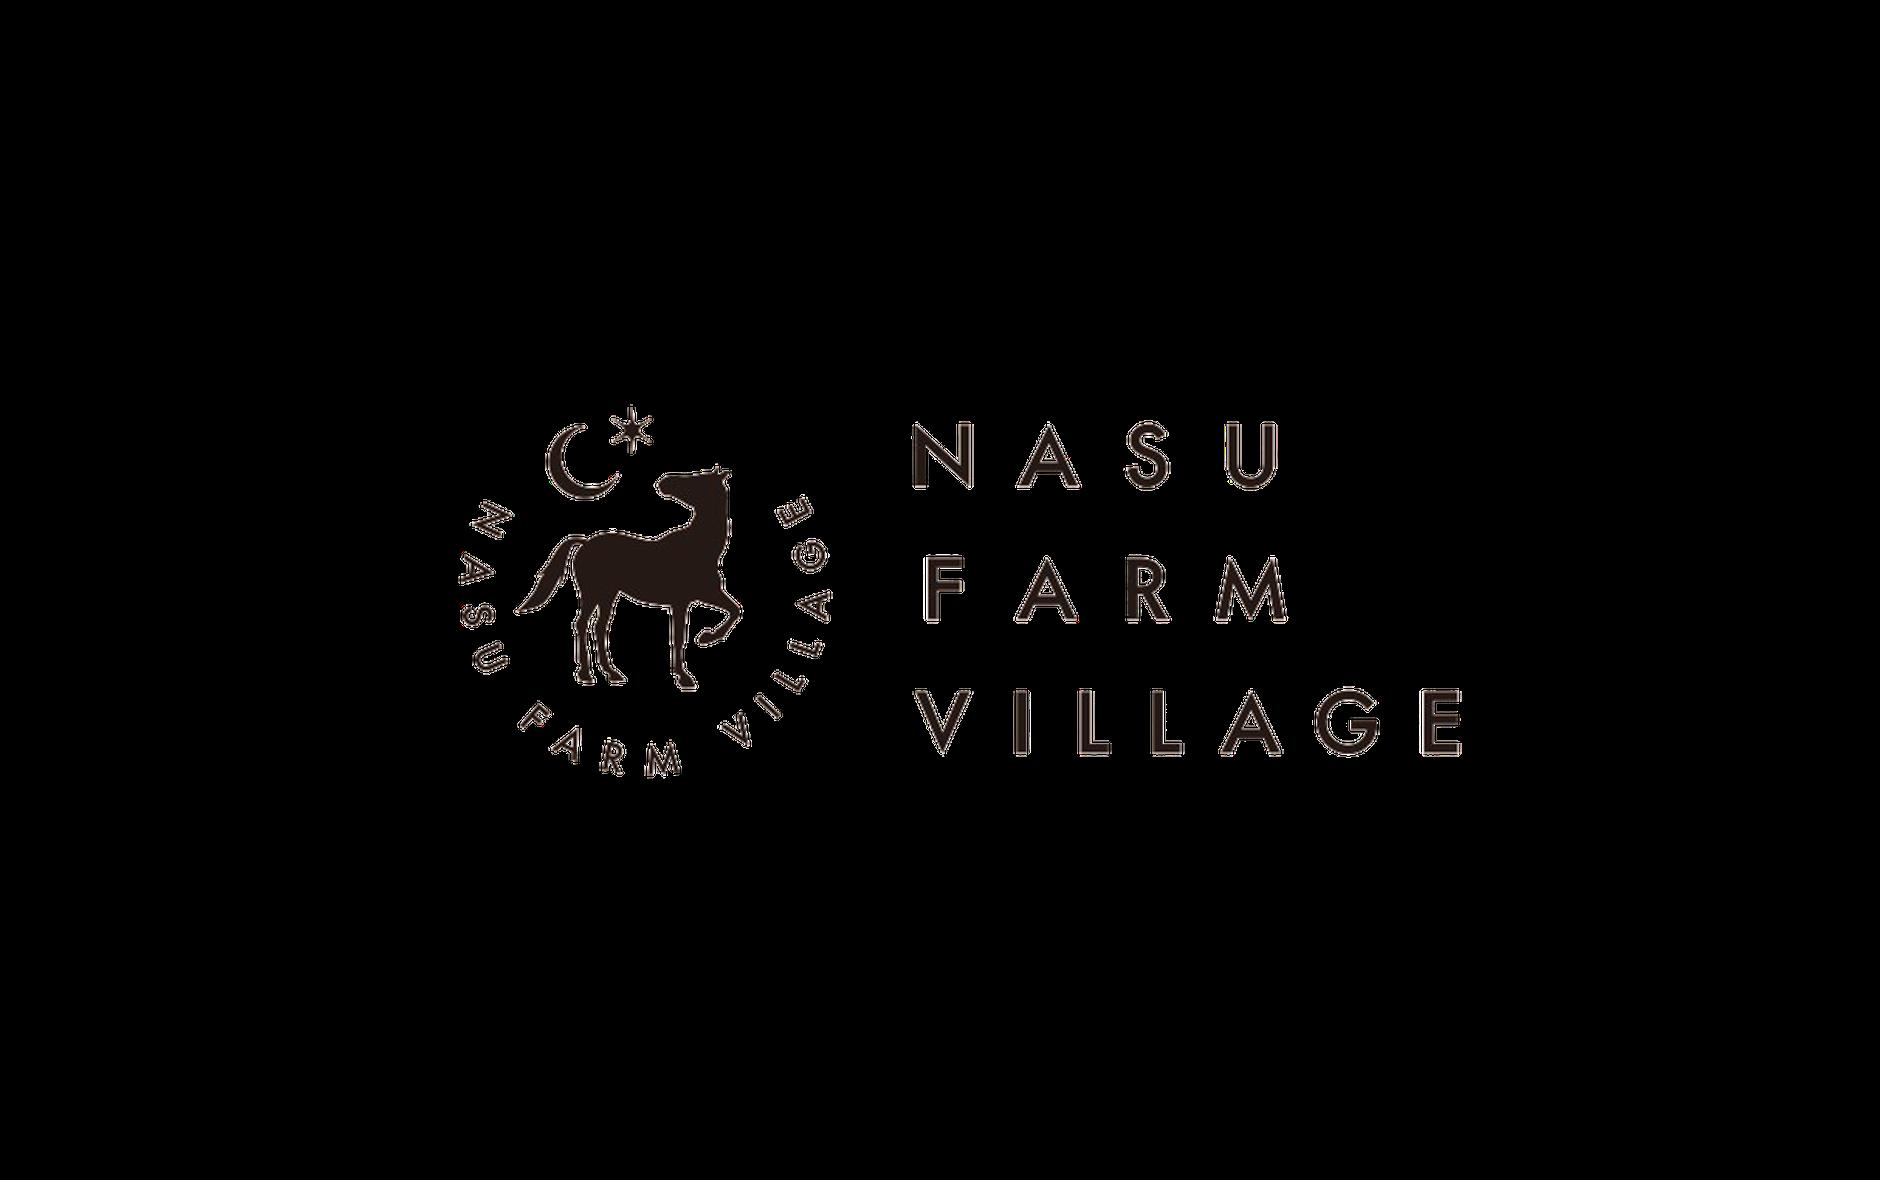 NASU FARM VILLAGE ONLINE STORE